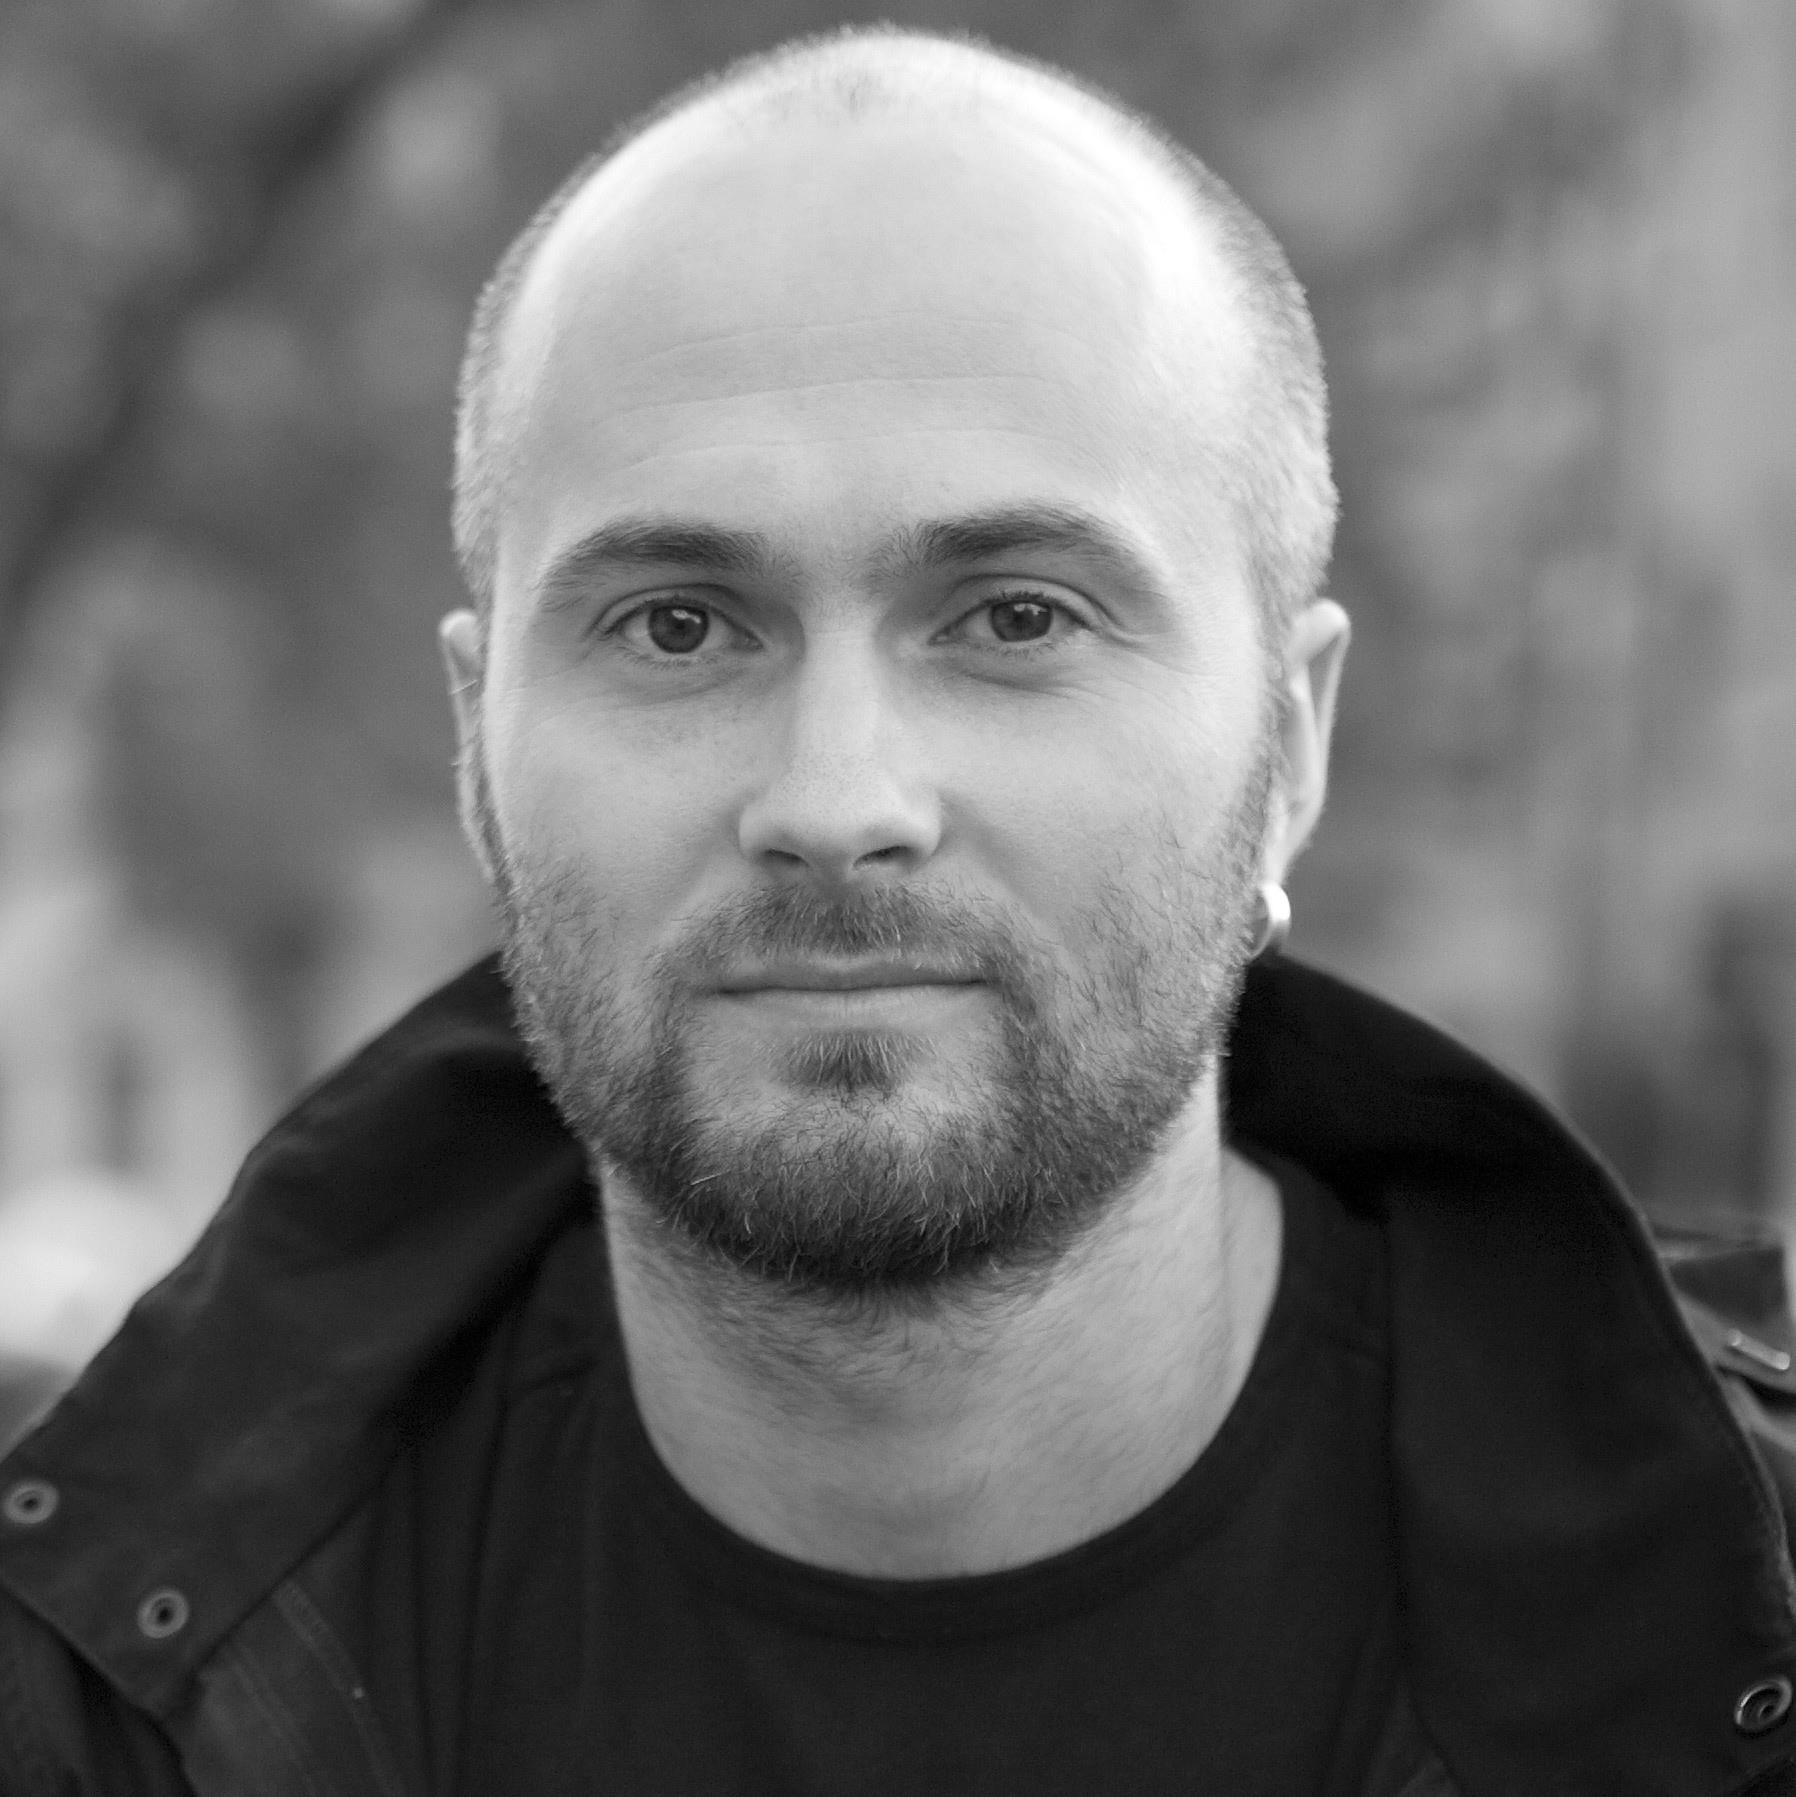 Aleks Ritov